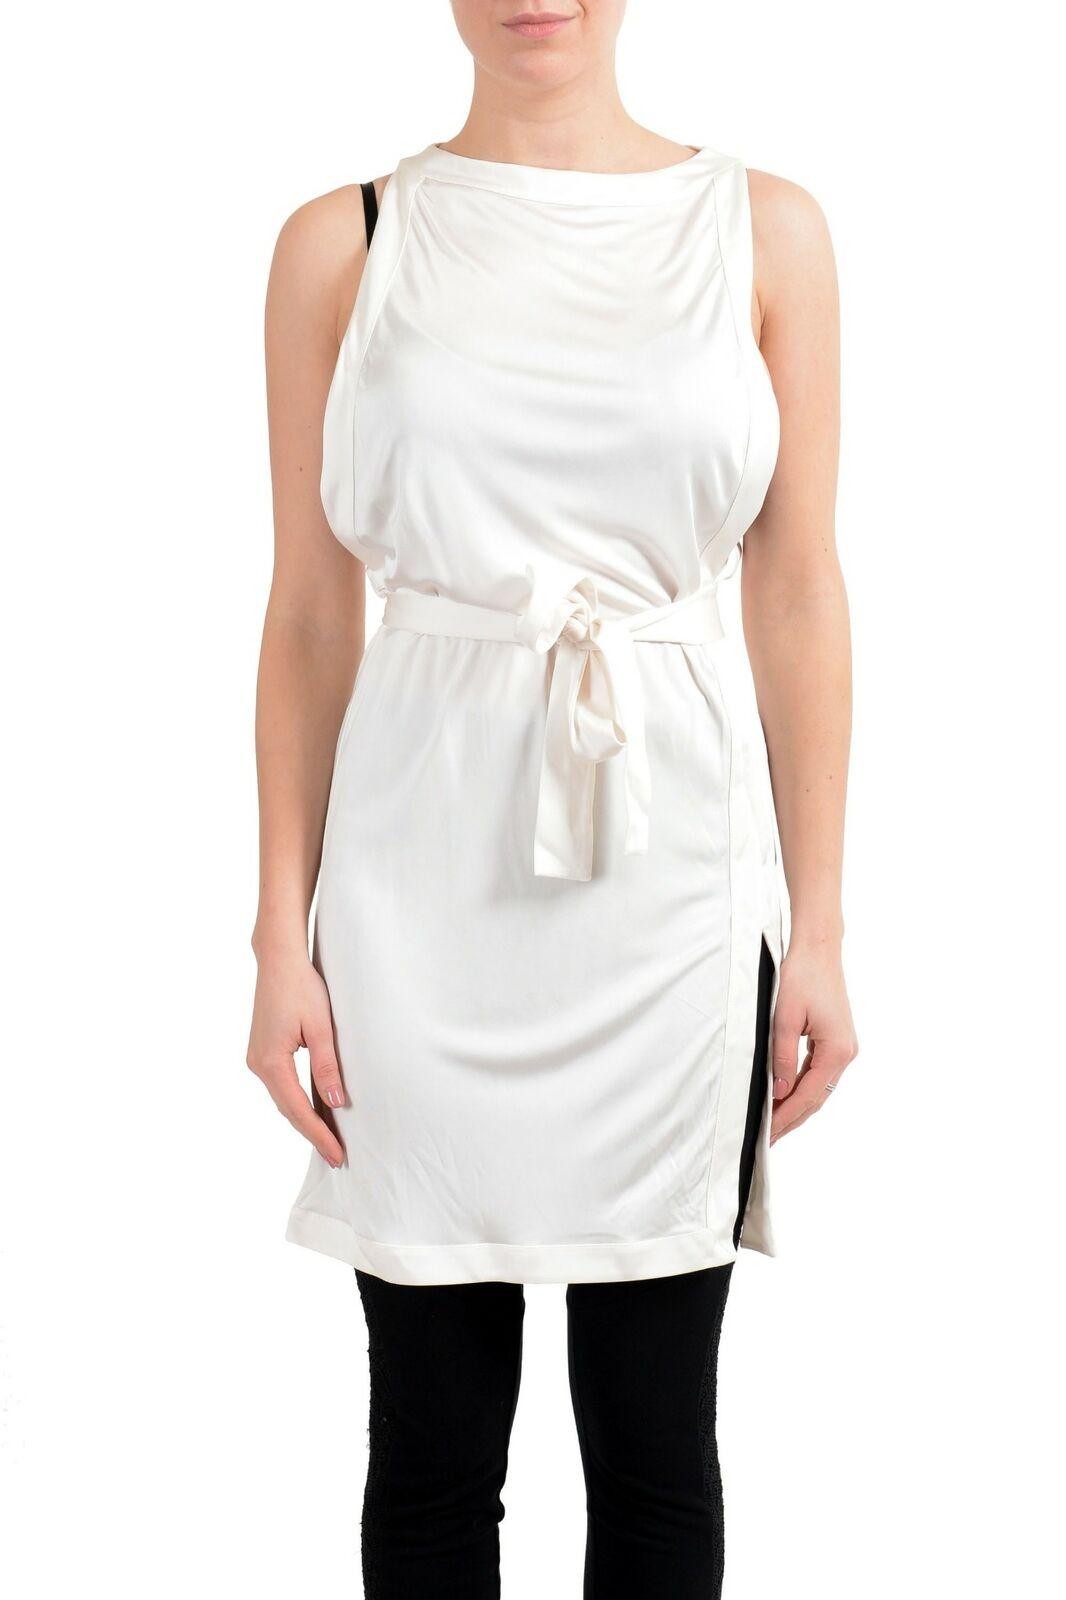 La Perla De Color blancoo  para Mujer sin Mangas con Cinturón Vestido Túnica Talla S M L  varios tamaños